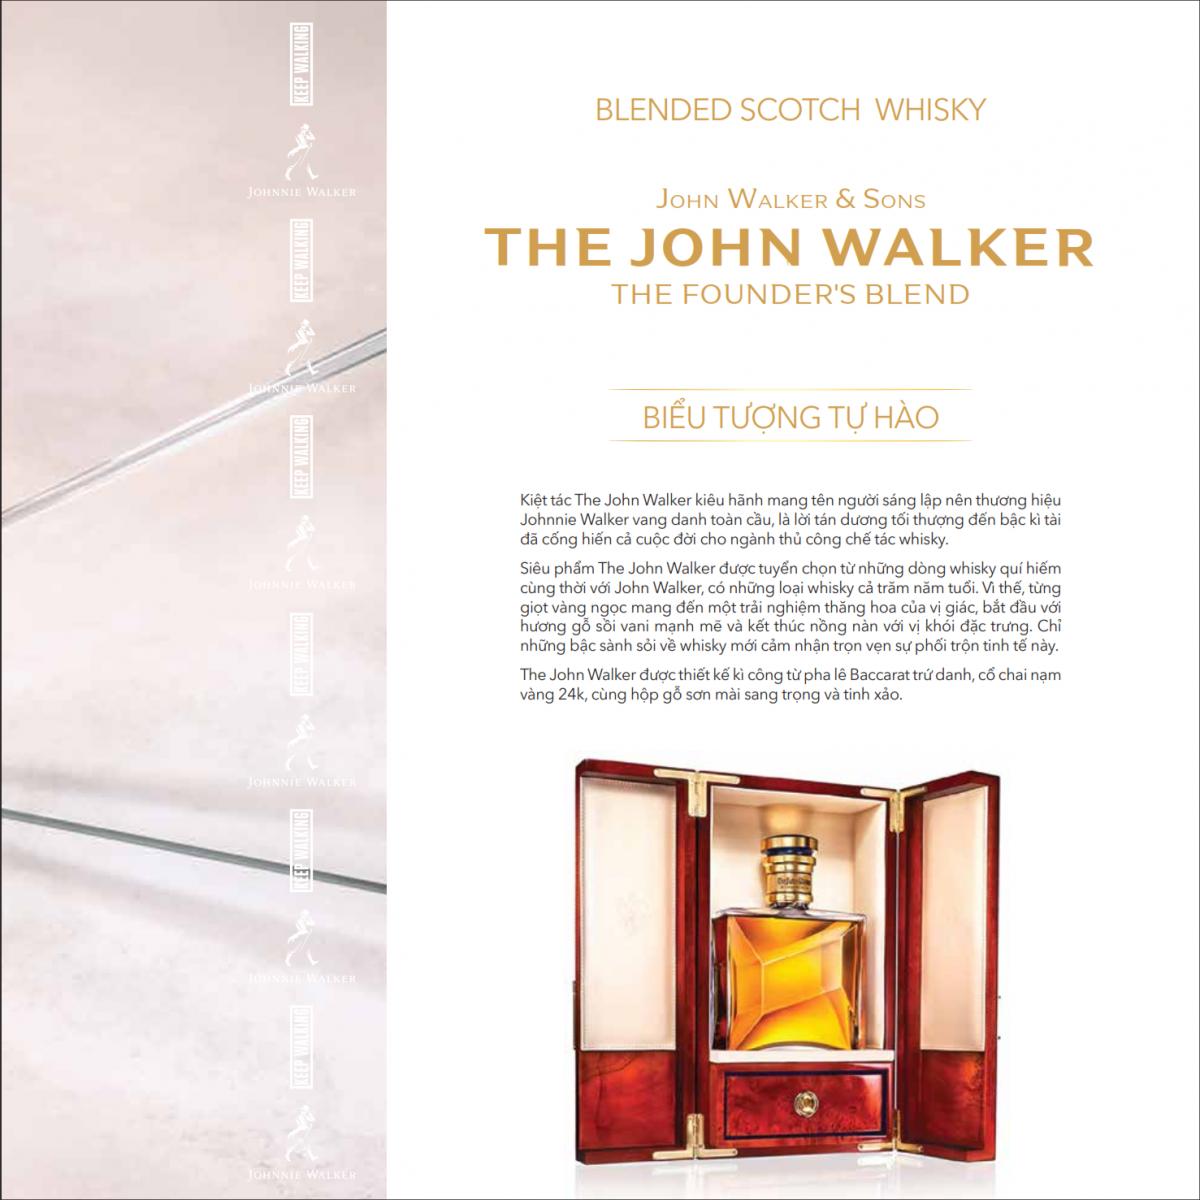 THE JOHN WALKER tại RuouTayChinhHang.com